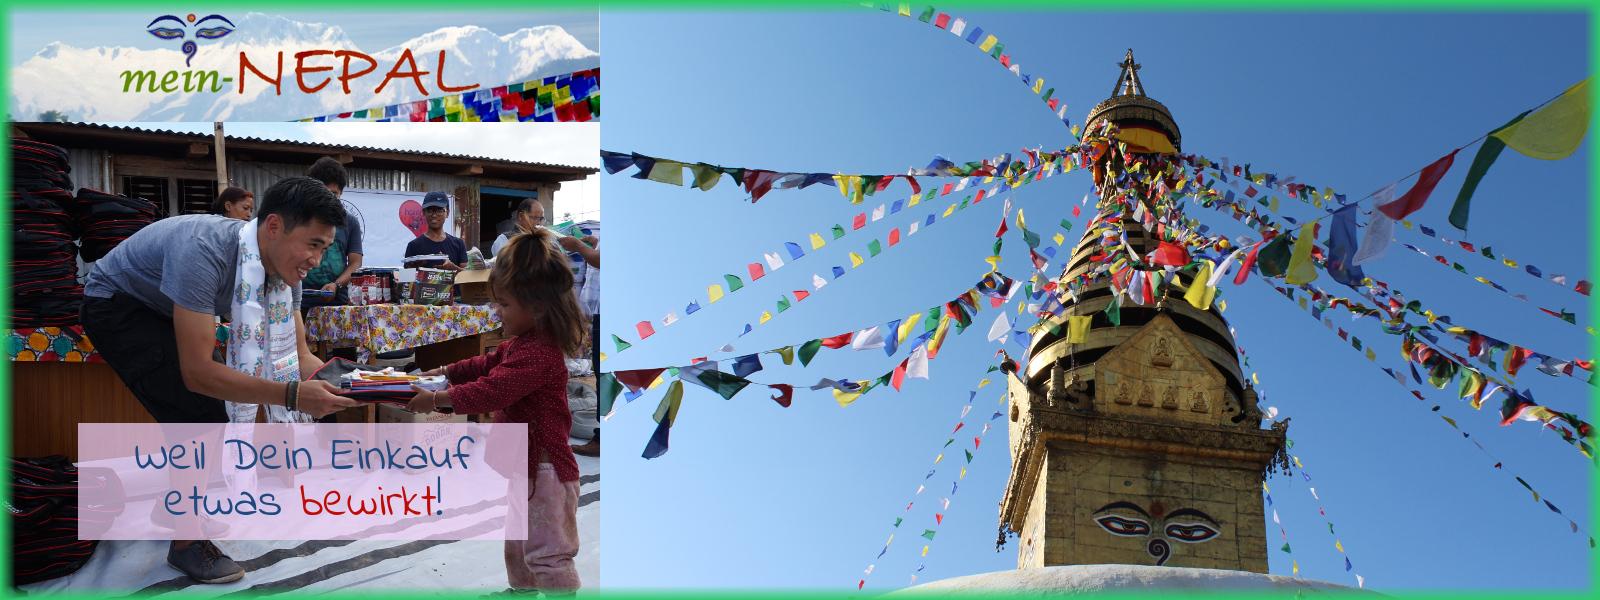 Im mein-Nepal Shop kannst Du mit Deinem Einkauf Hilfsprojekte in Nepal unterstützen.